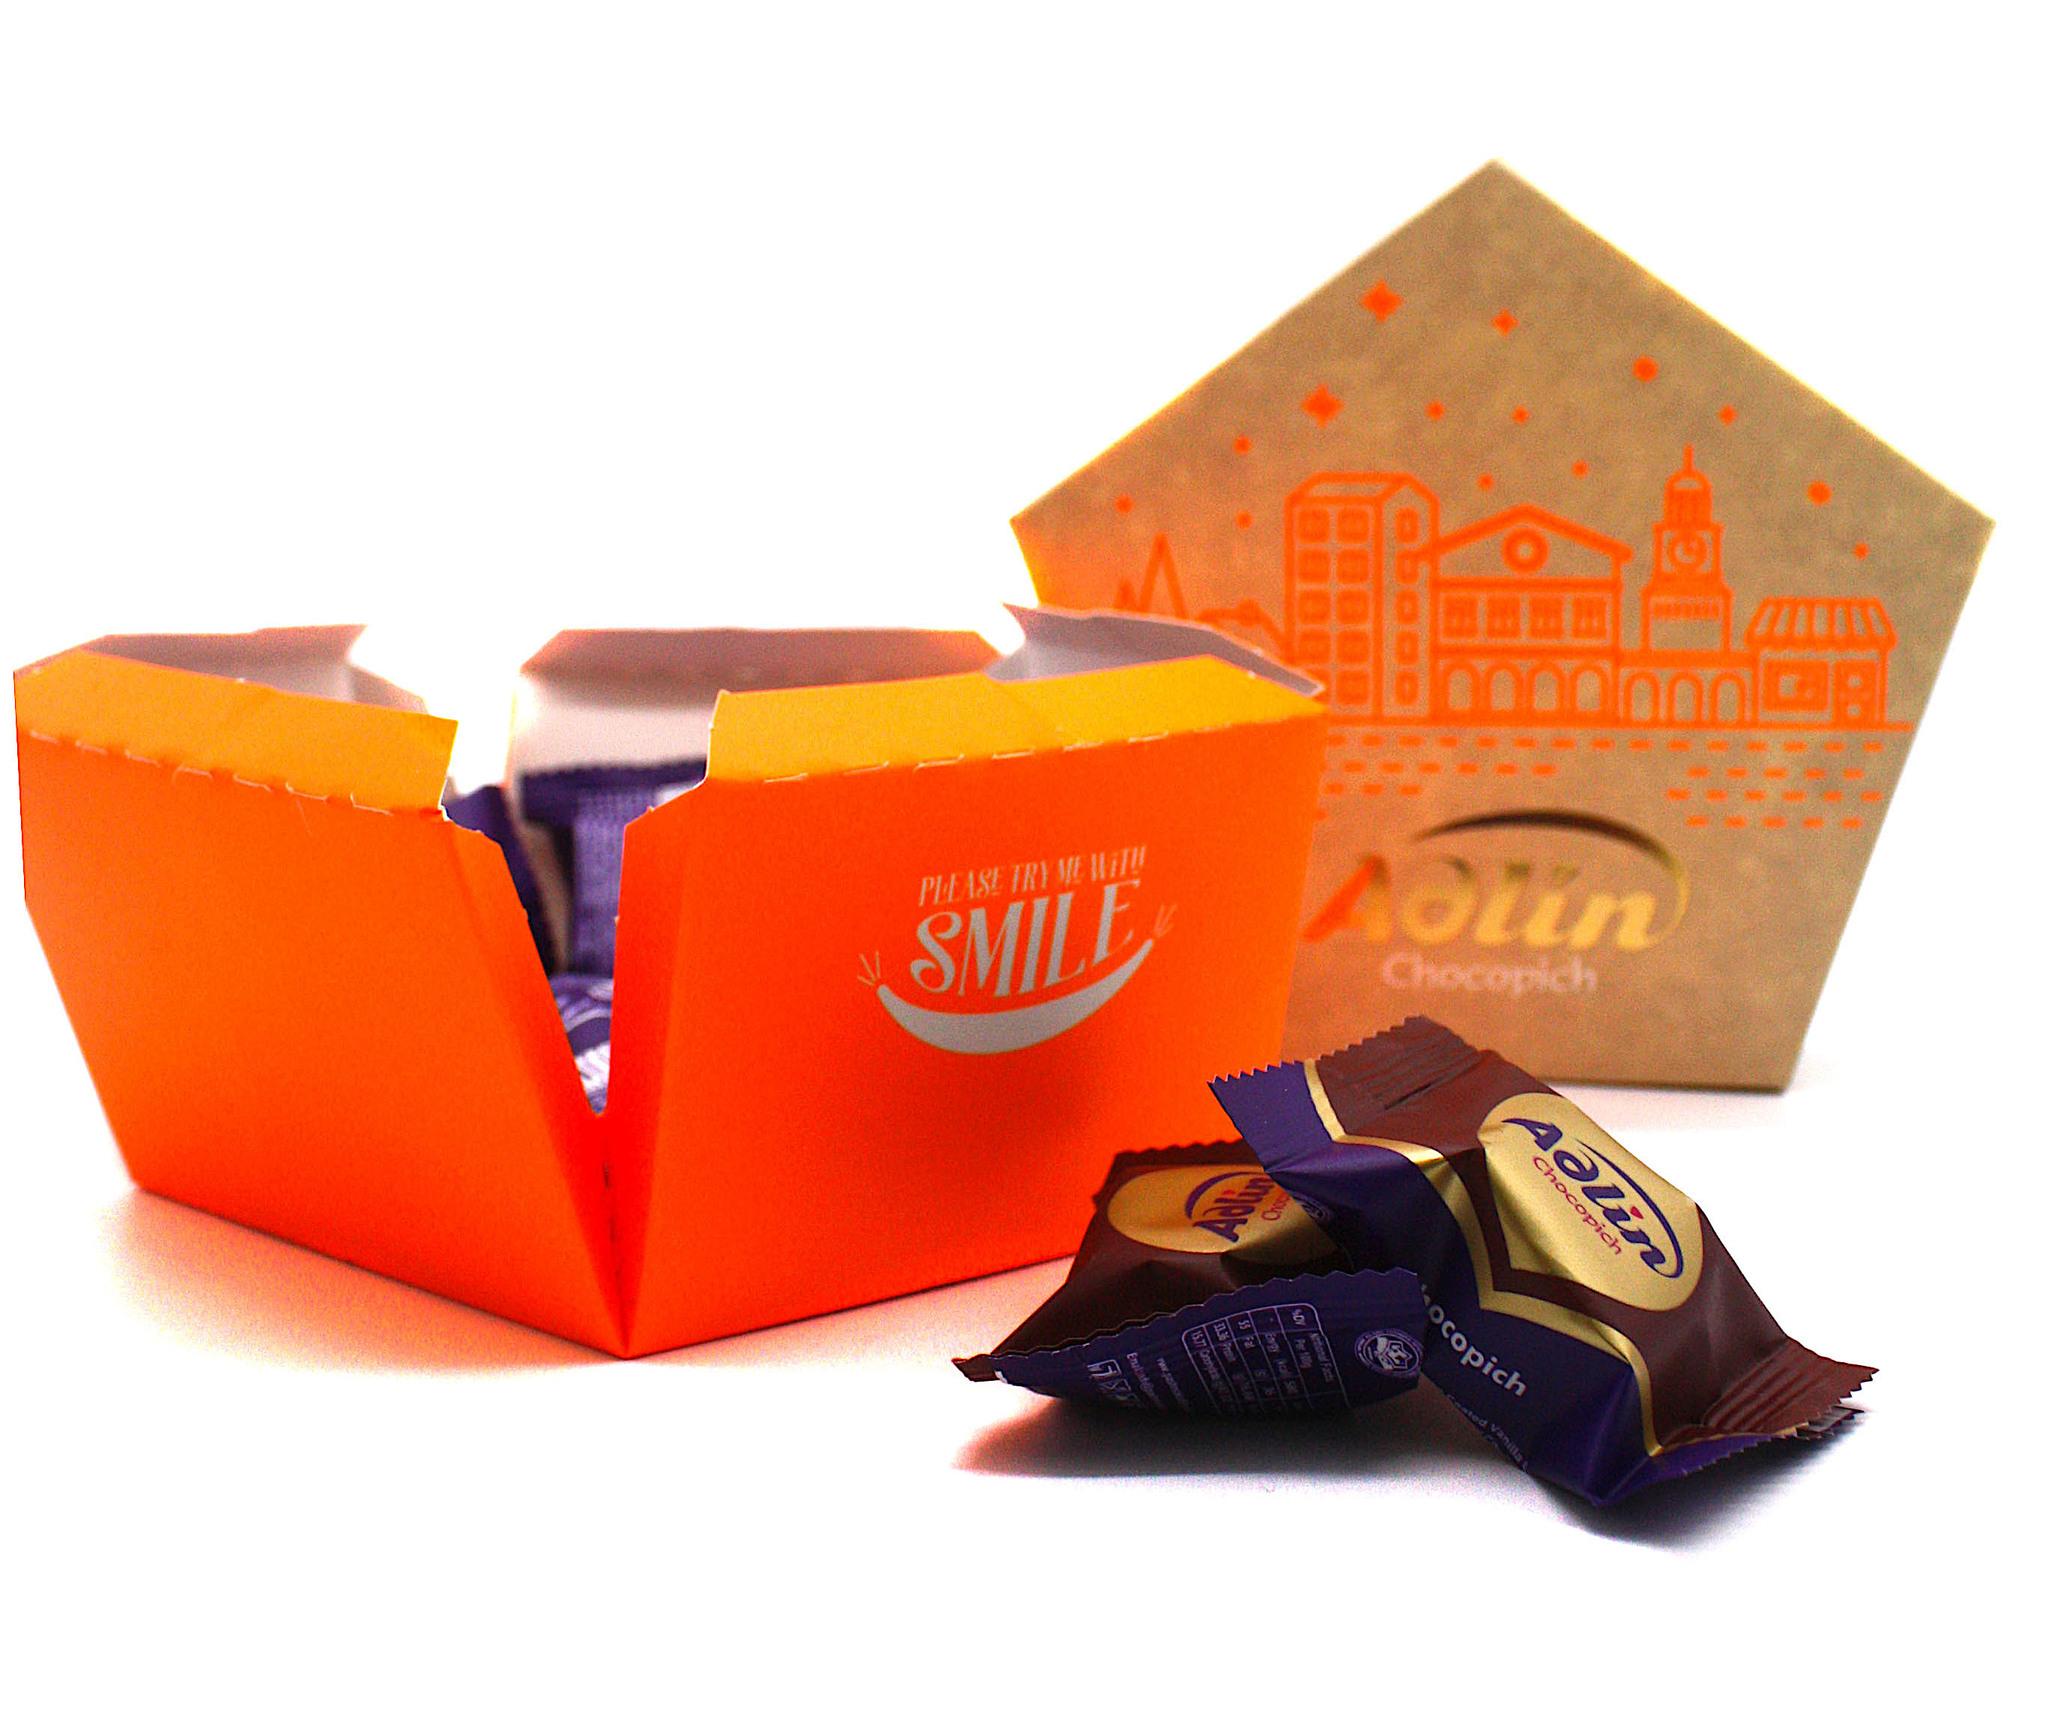 Пишмание со вкусом миндаля в шоколадной глазури, Adlin, 150 г import_files_a2_a2b1acb0f24f11e8a9a1484d7ecee297_9266c15af95711e8a9a1484d7ecee297.jpg